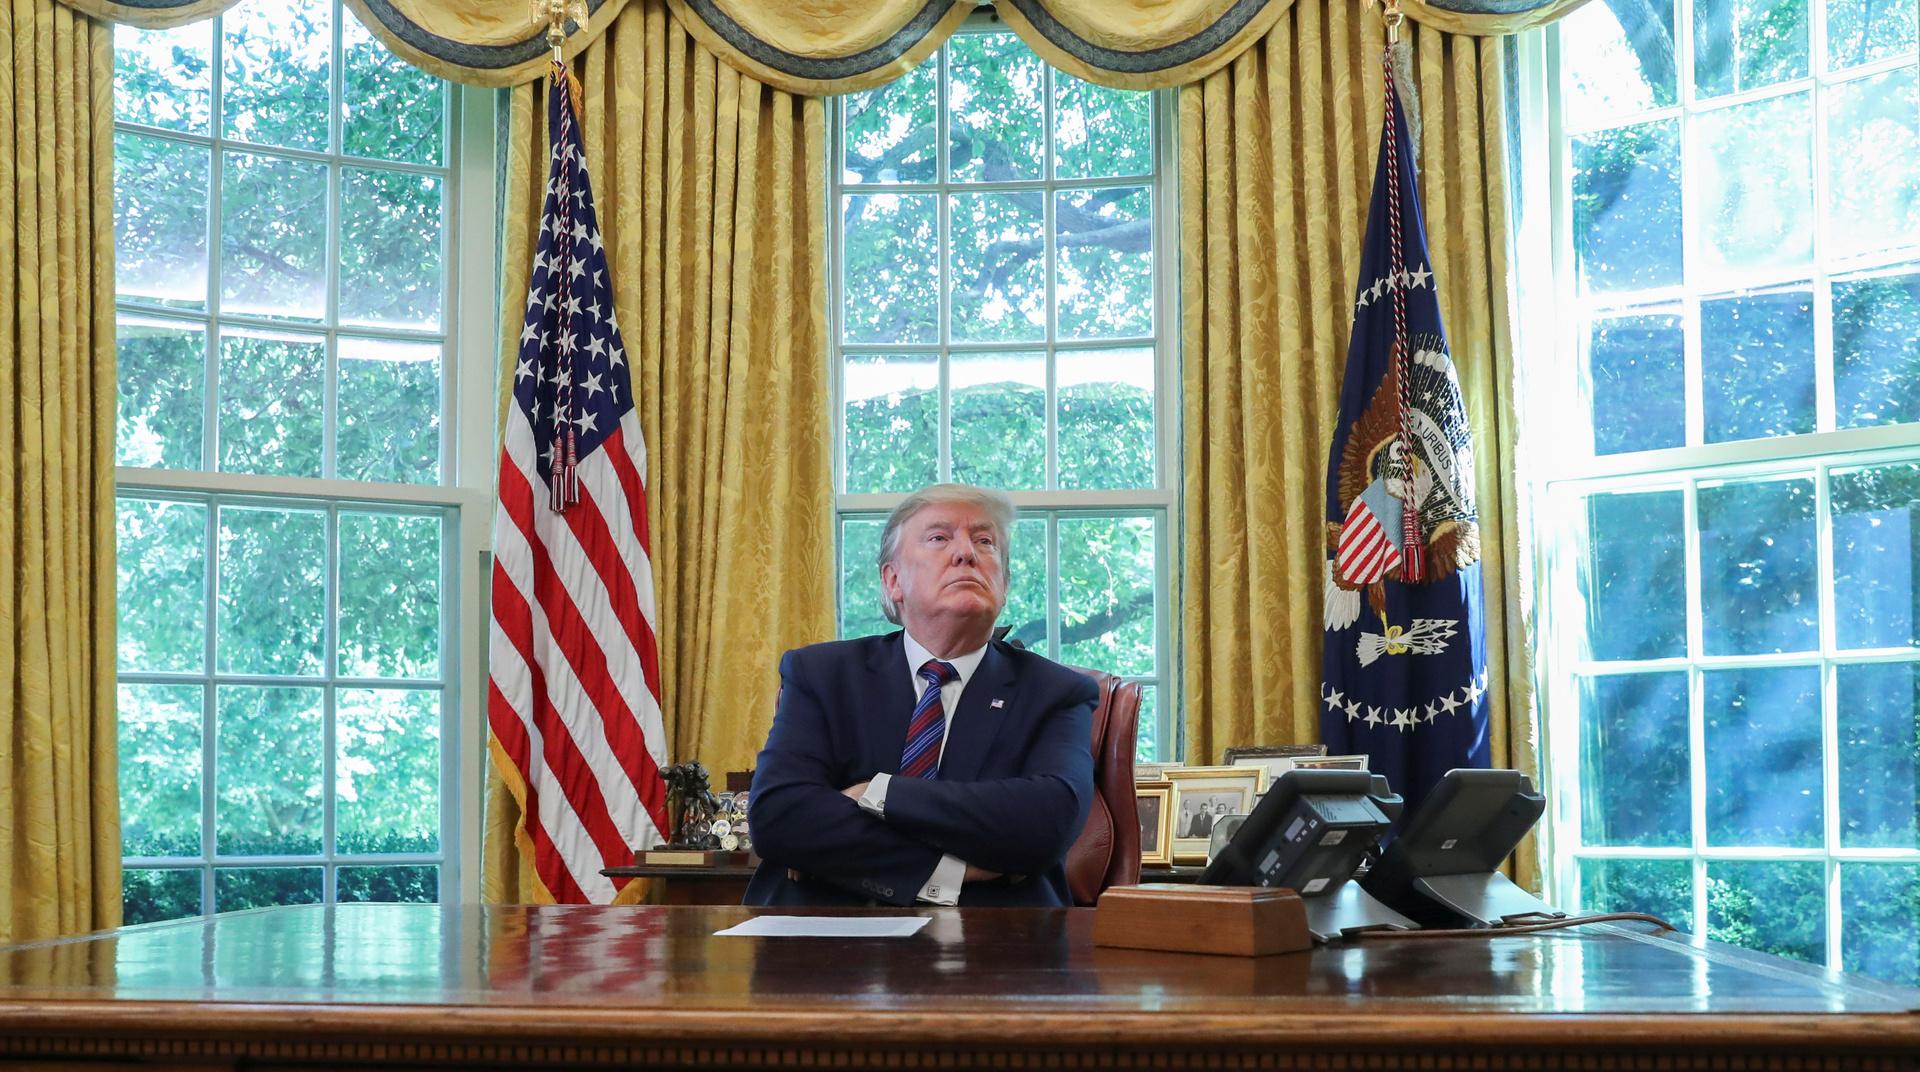 وسائل إعلام تكشف عن موقف ترامب إزاء تغيير وضع آيا صوفيا